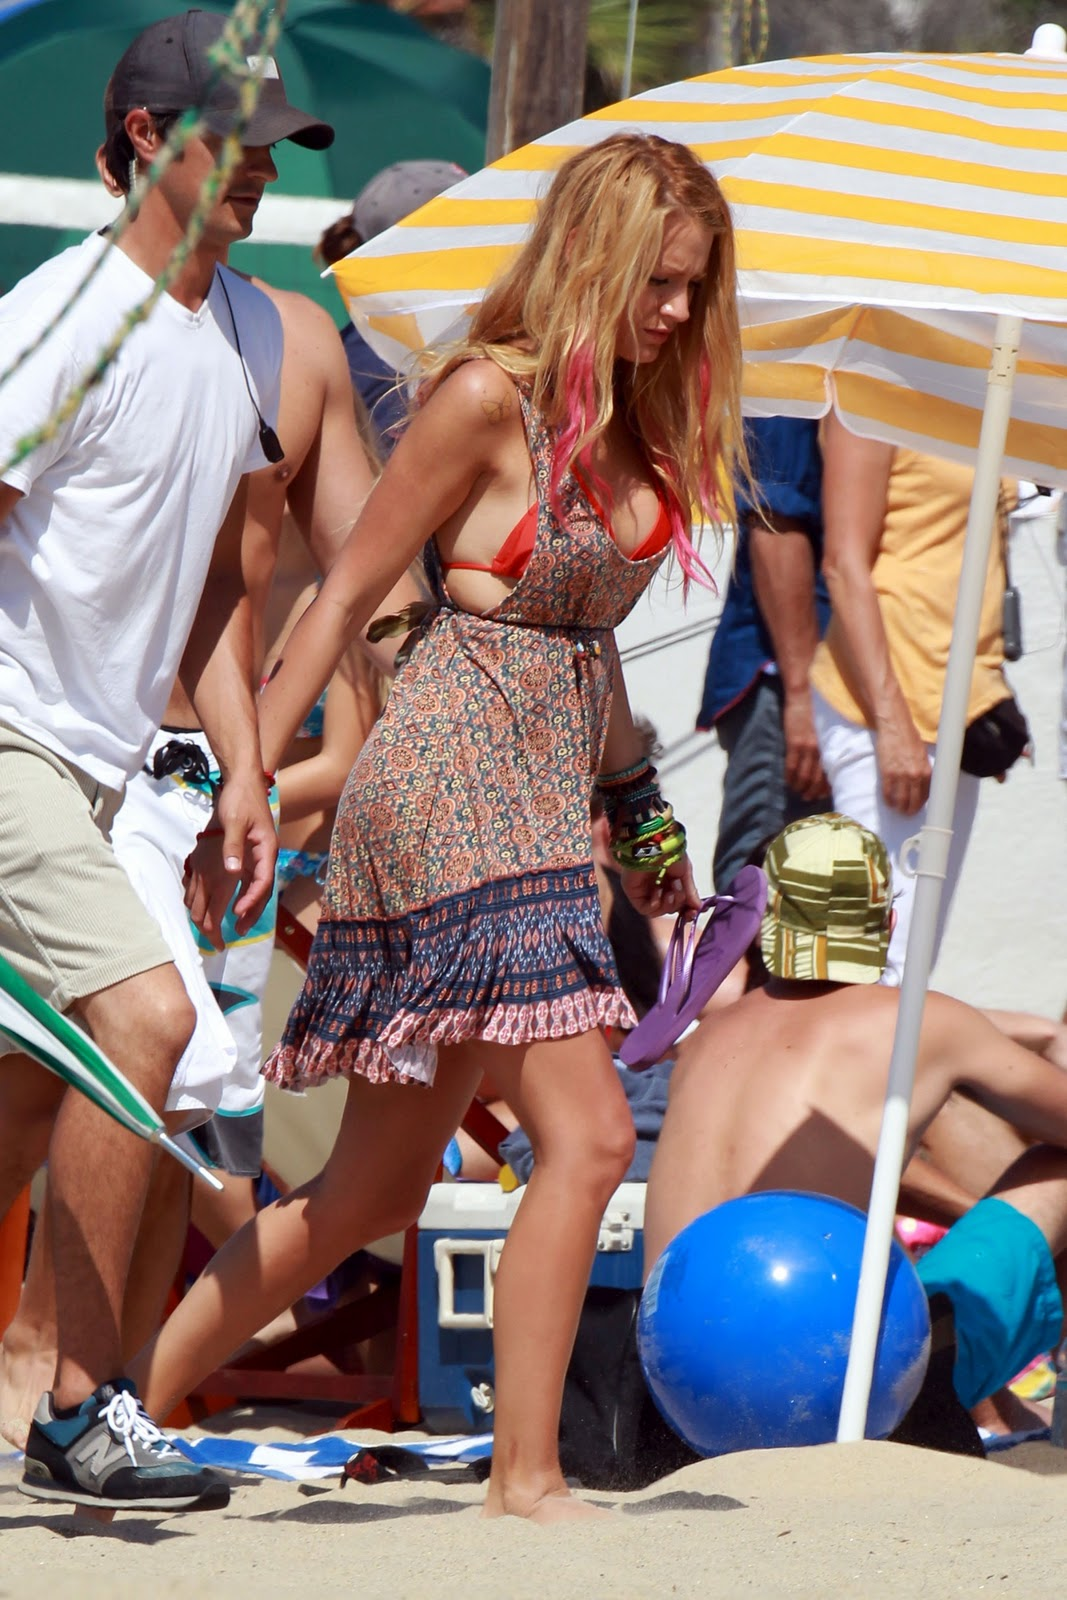 Райан Рейнольдс и Блейк Лайвли отдыхают с друзьями на пляже